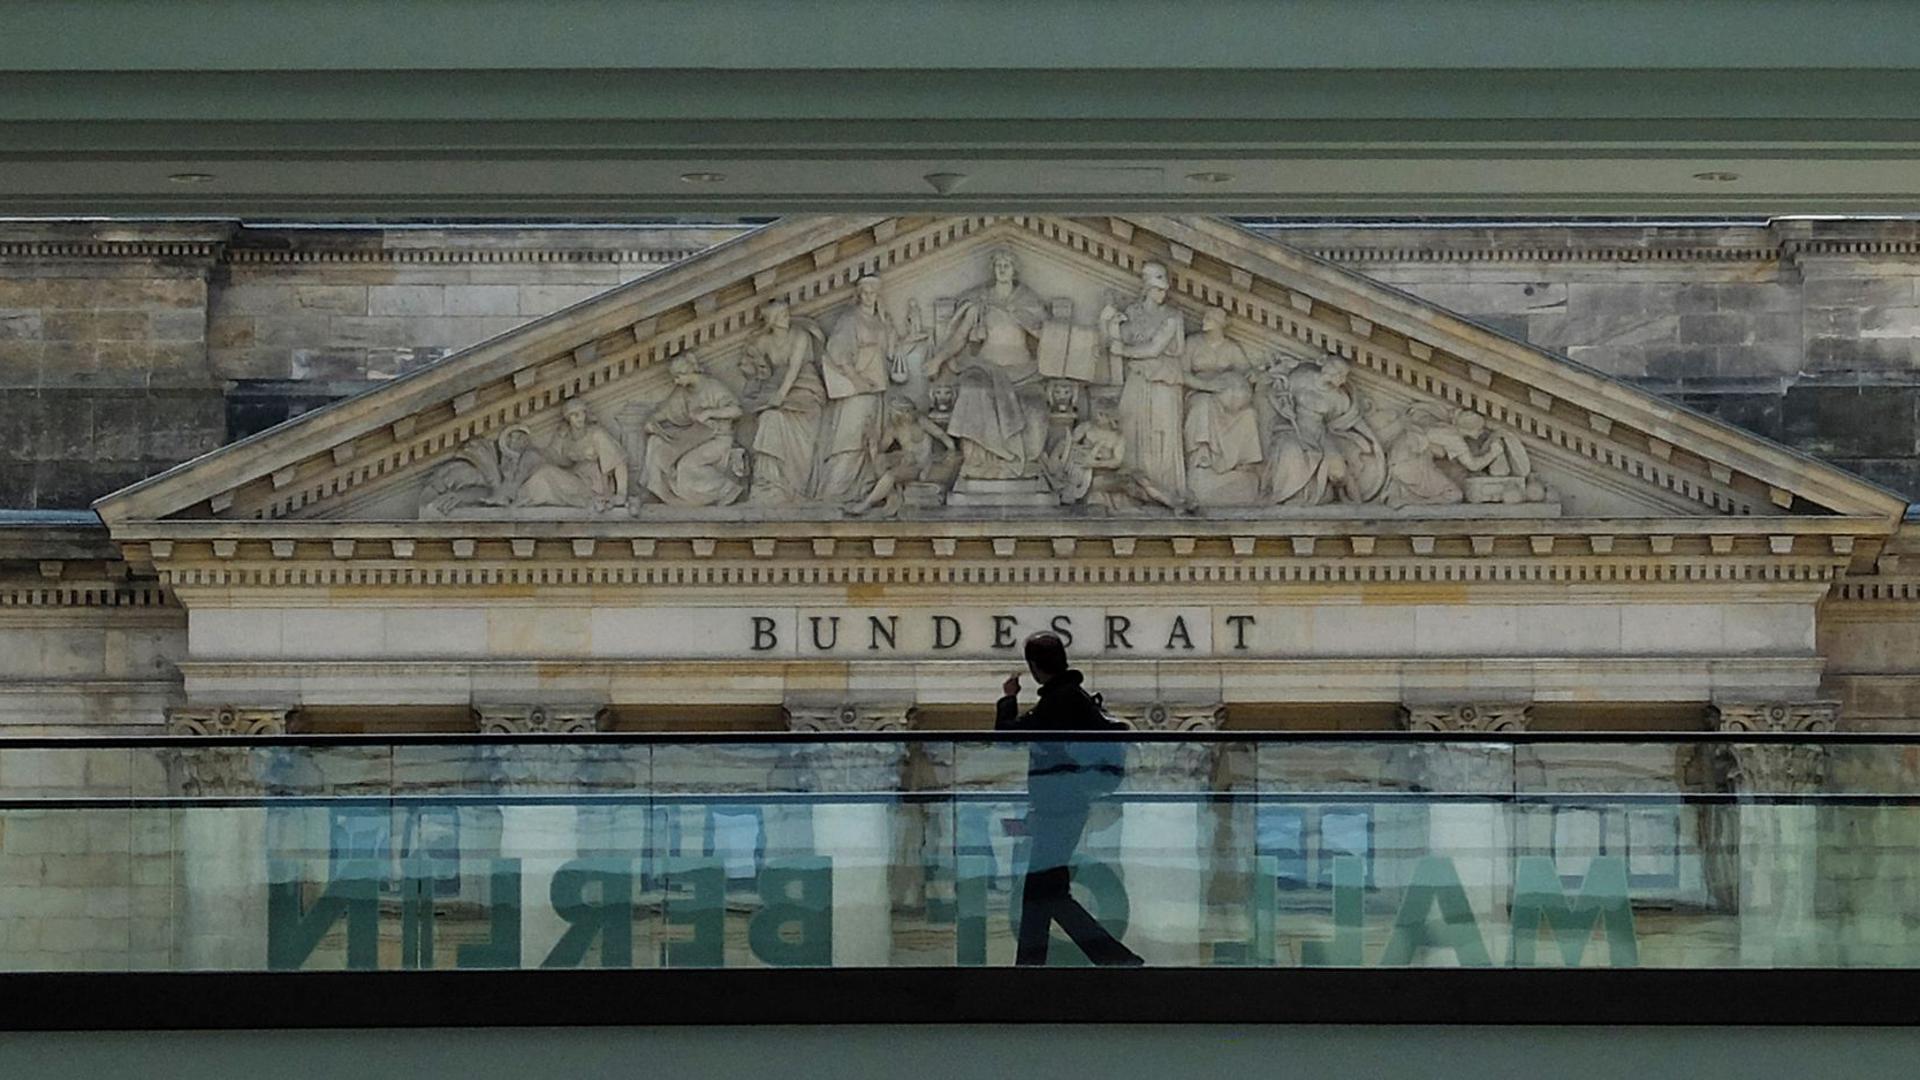 Mit einer Rede von Bundespräsident Steinmeier feiert der Bundesrat seine 1000. Sitzung.